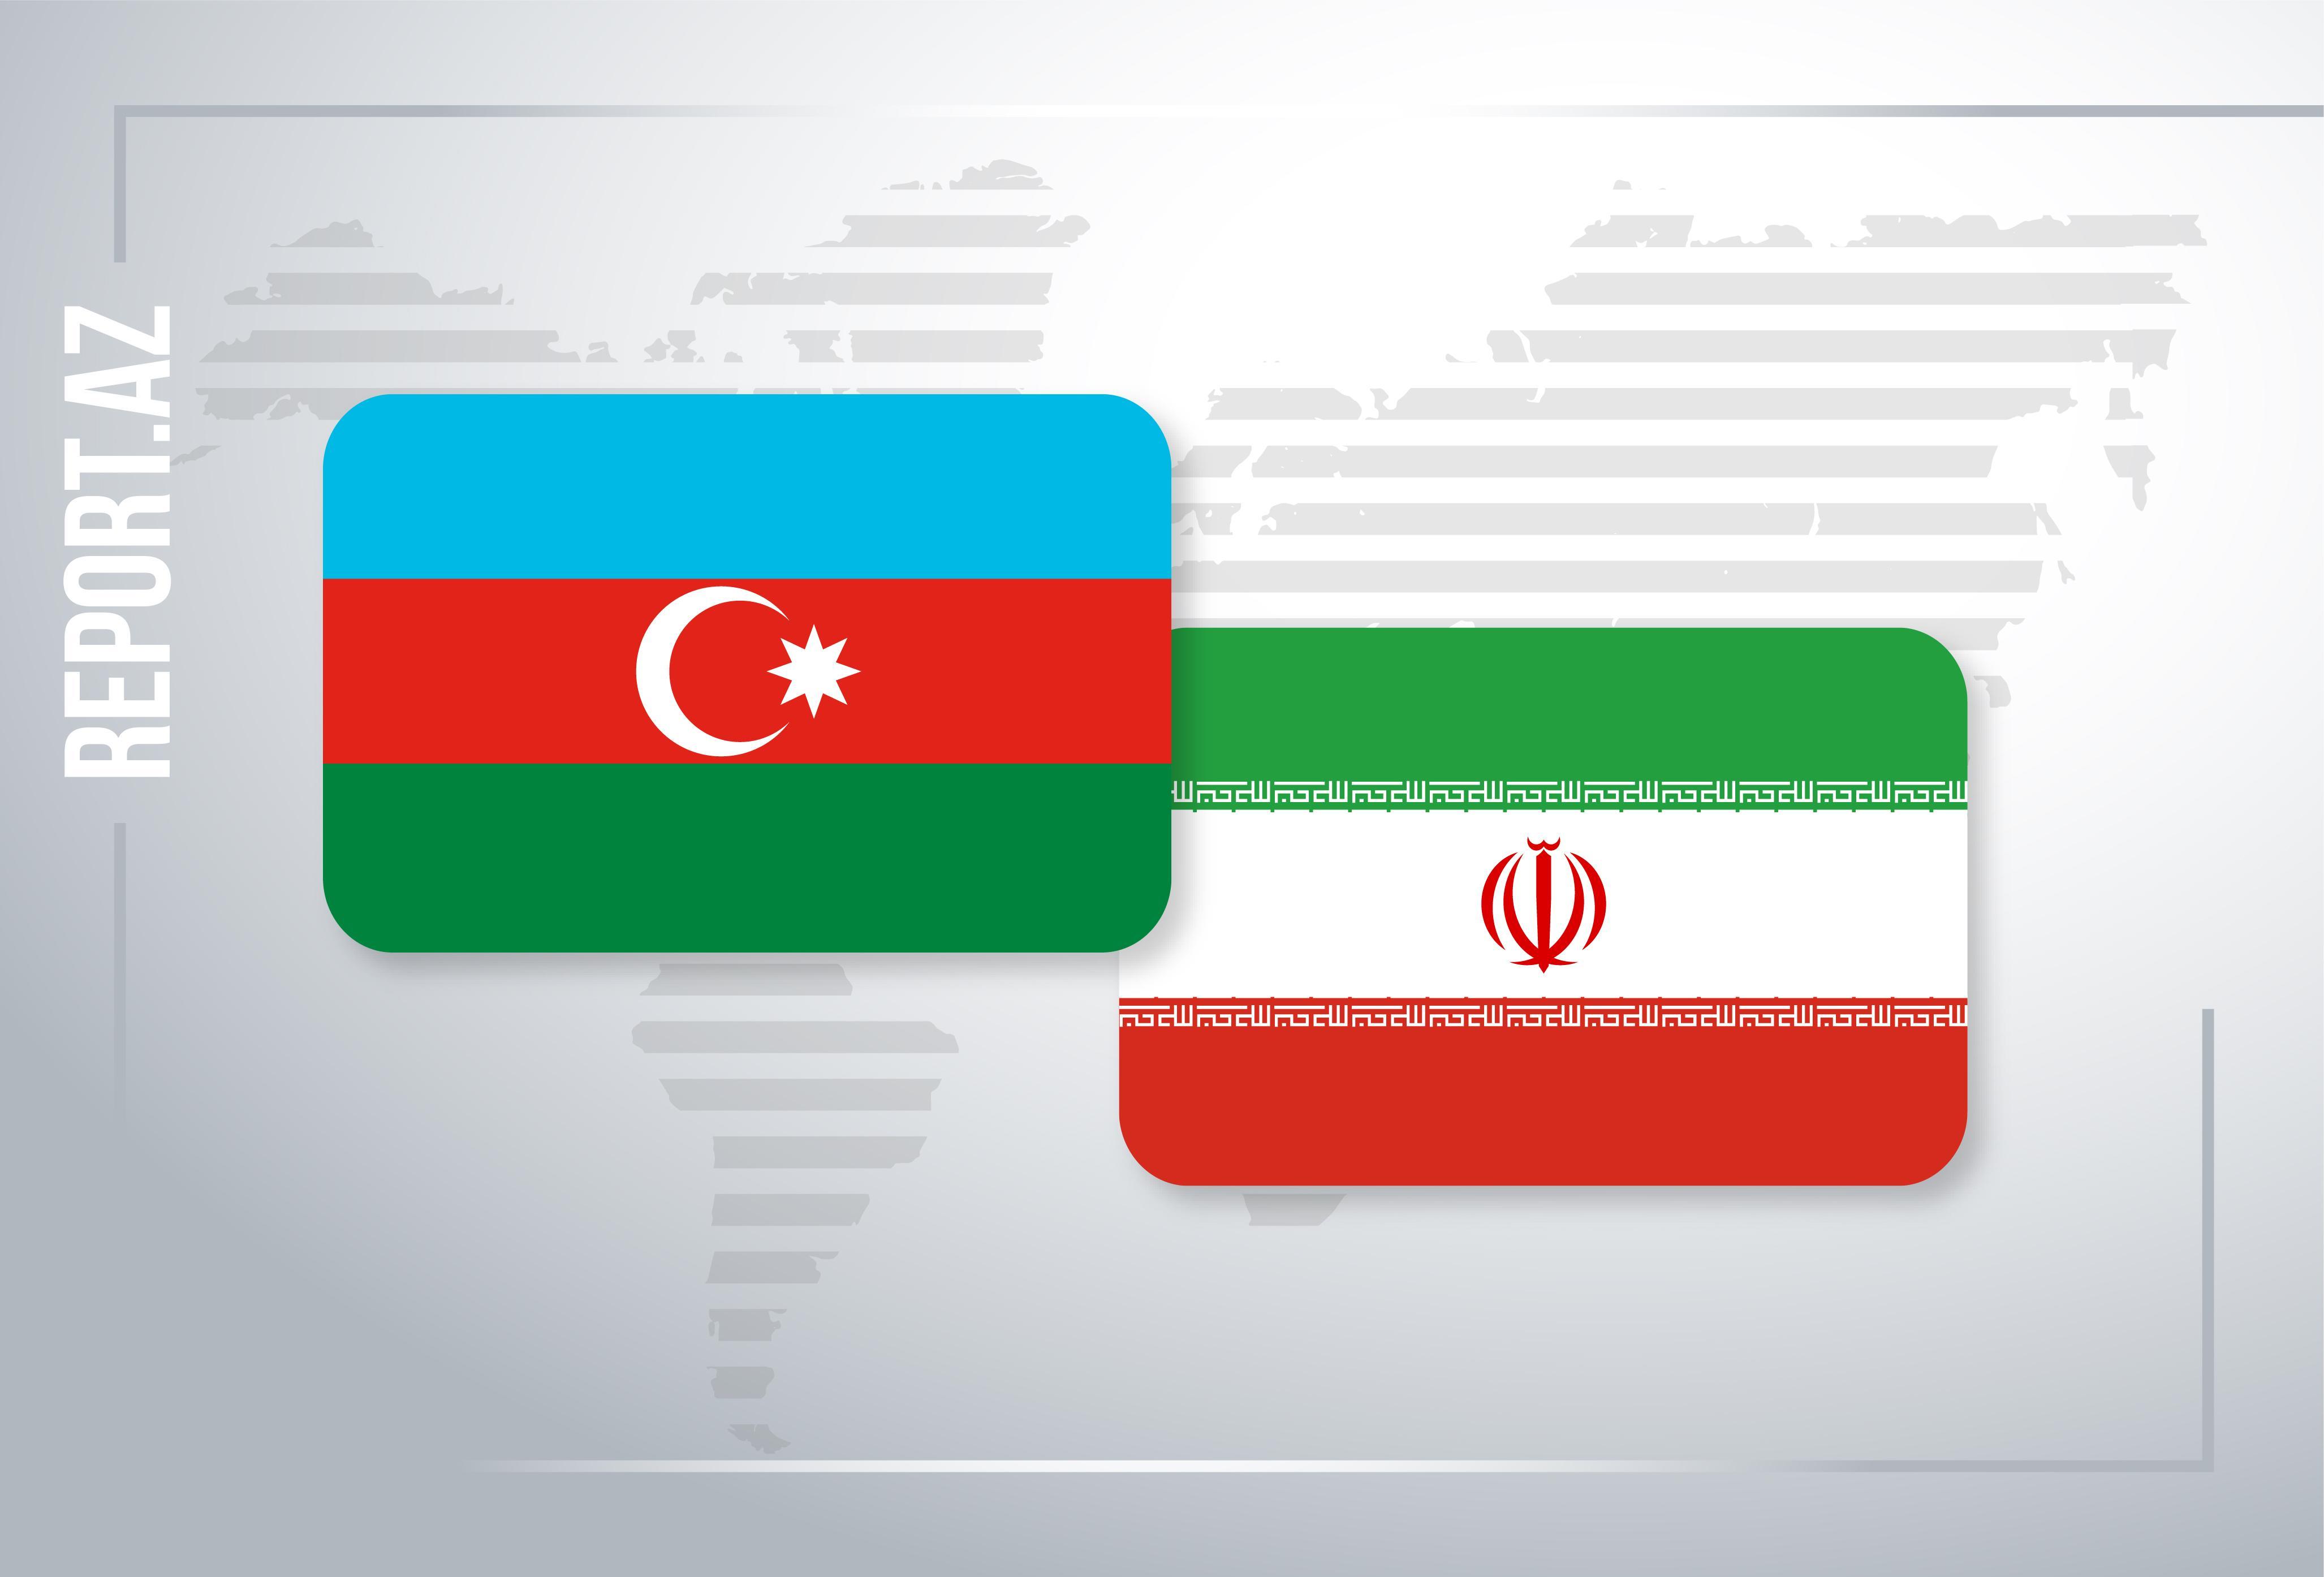 Azərbaycan və İran uçuşların bərpasını müzakirə edir